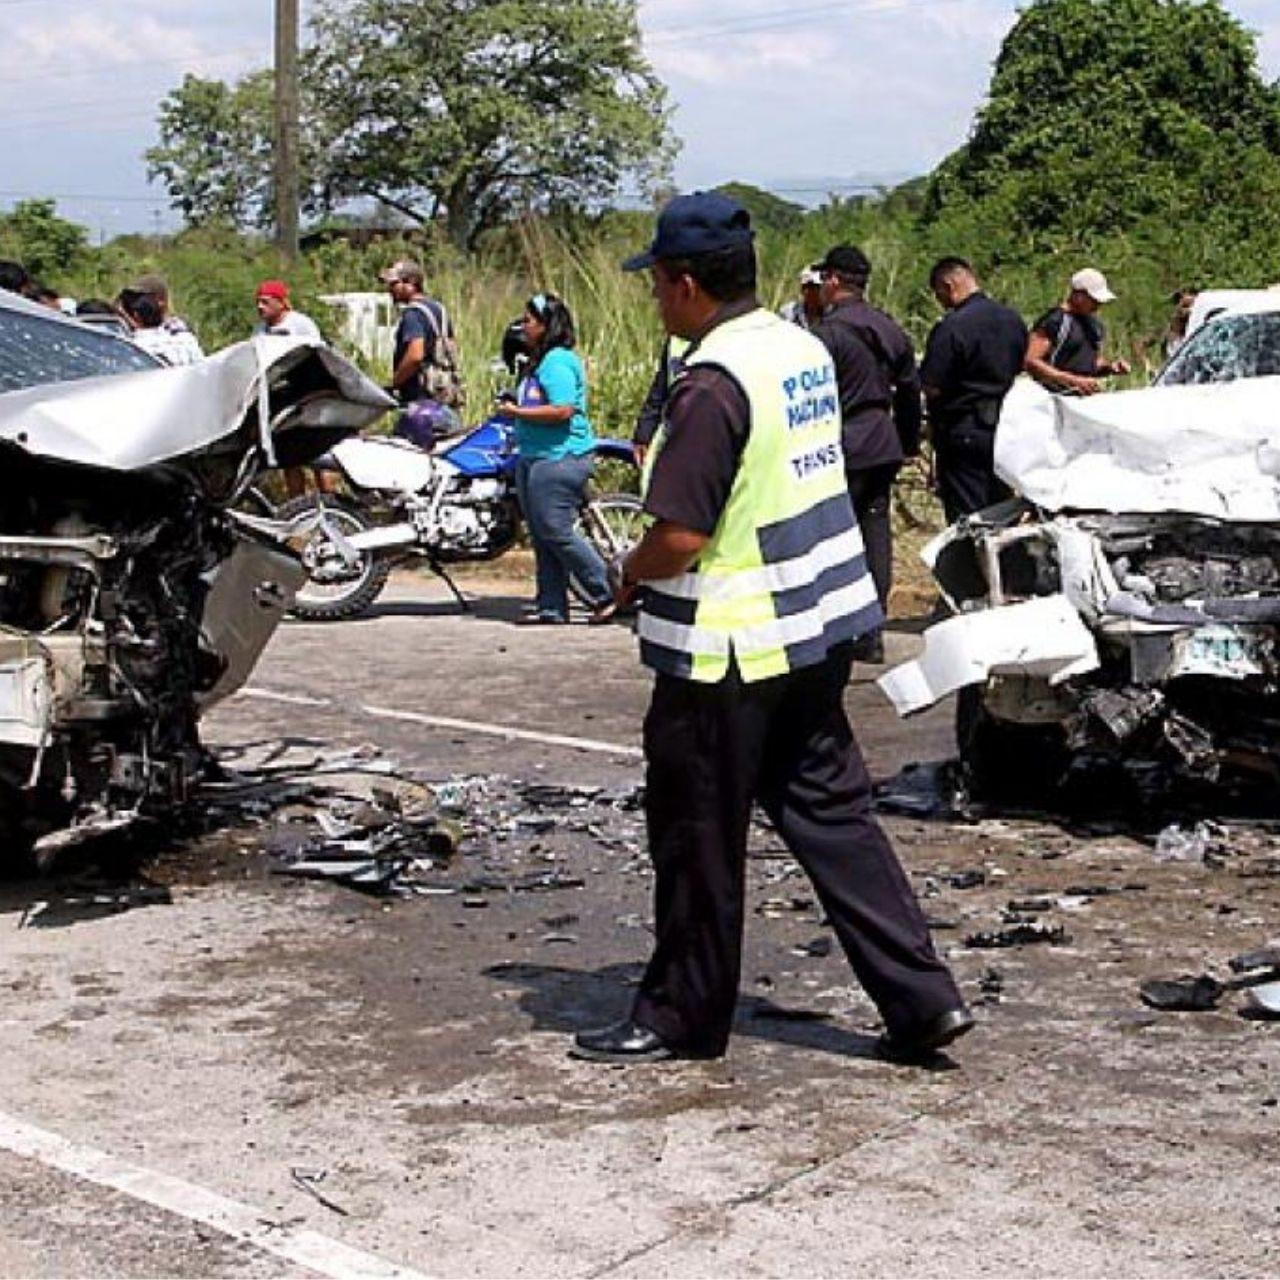 Al menos 567 personas han fallecido en accidentes de tránsito